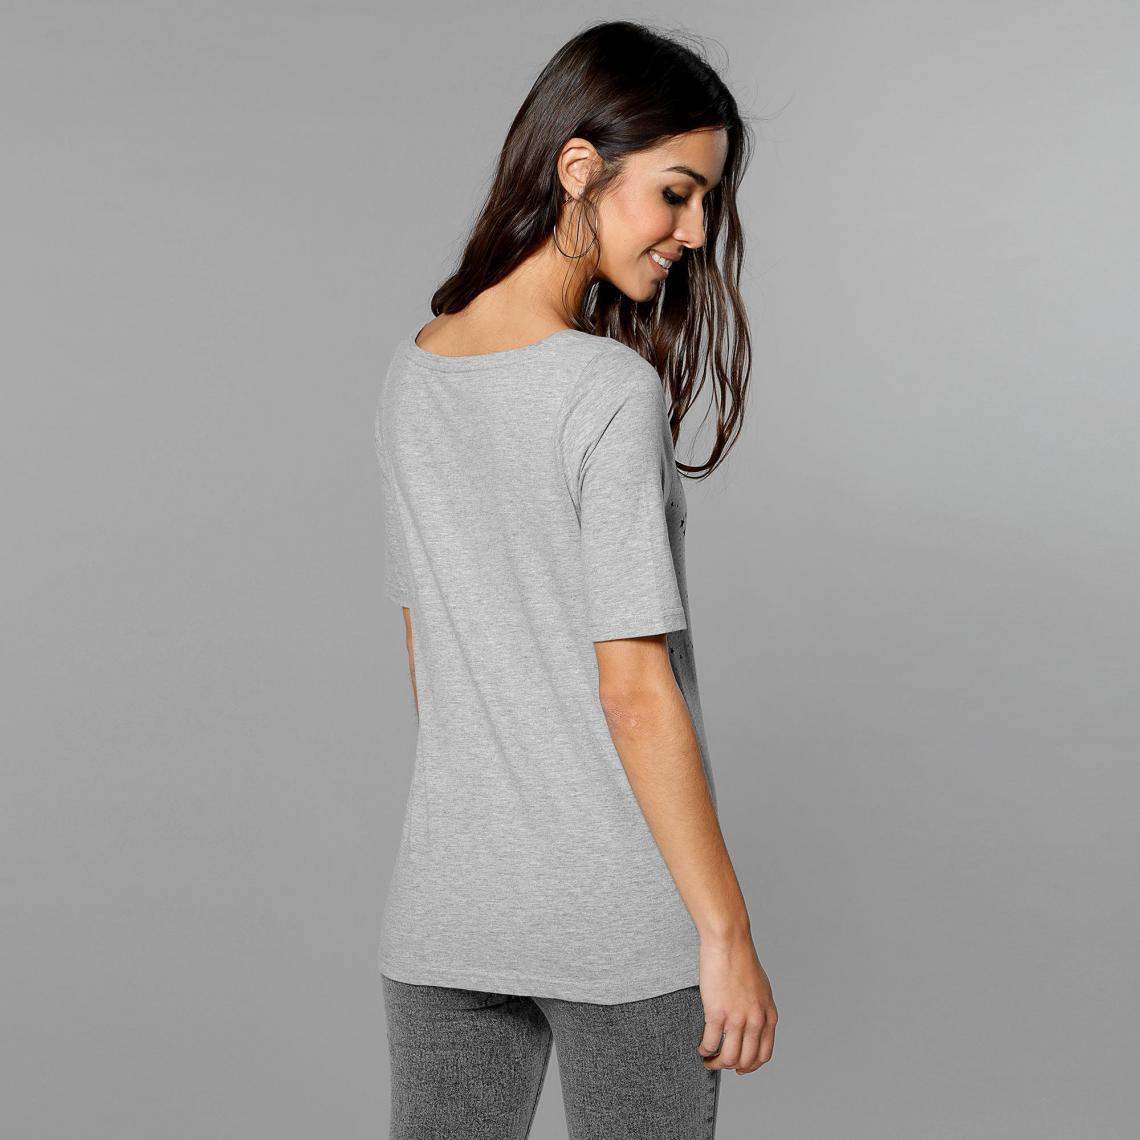 Tee-shirt imprimé manches aux coudes femme Exclusivité 3SUISSES - gris  chiné 3 SUISSES 2d9c5619ce0